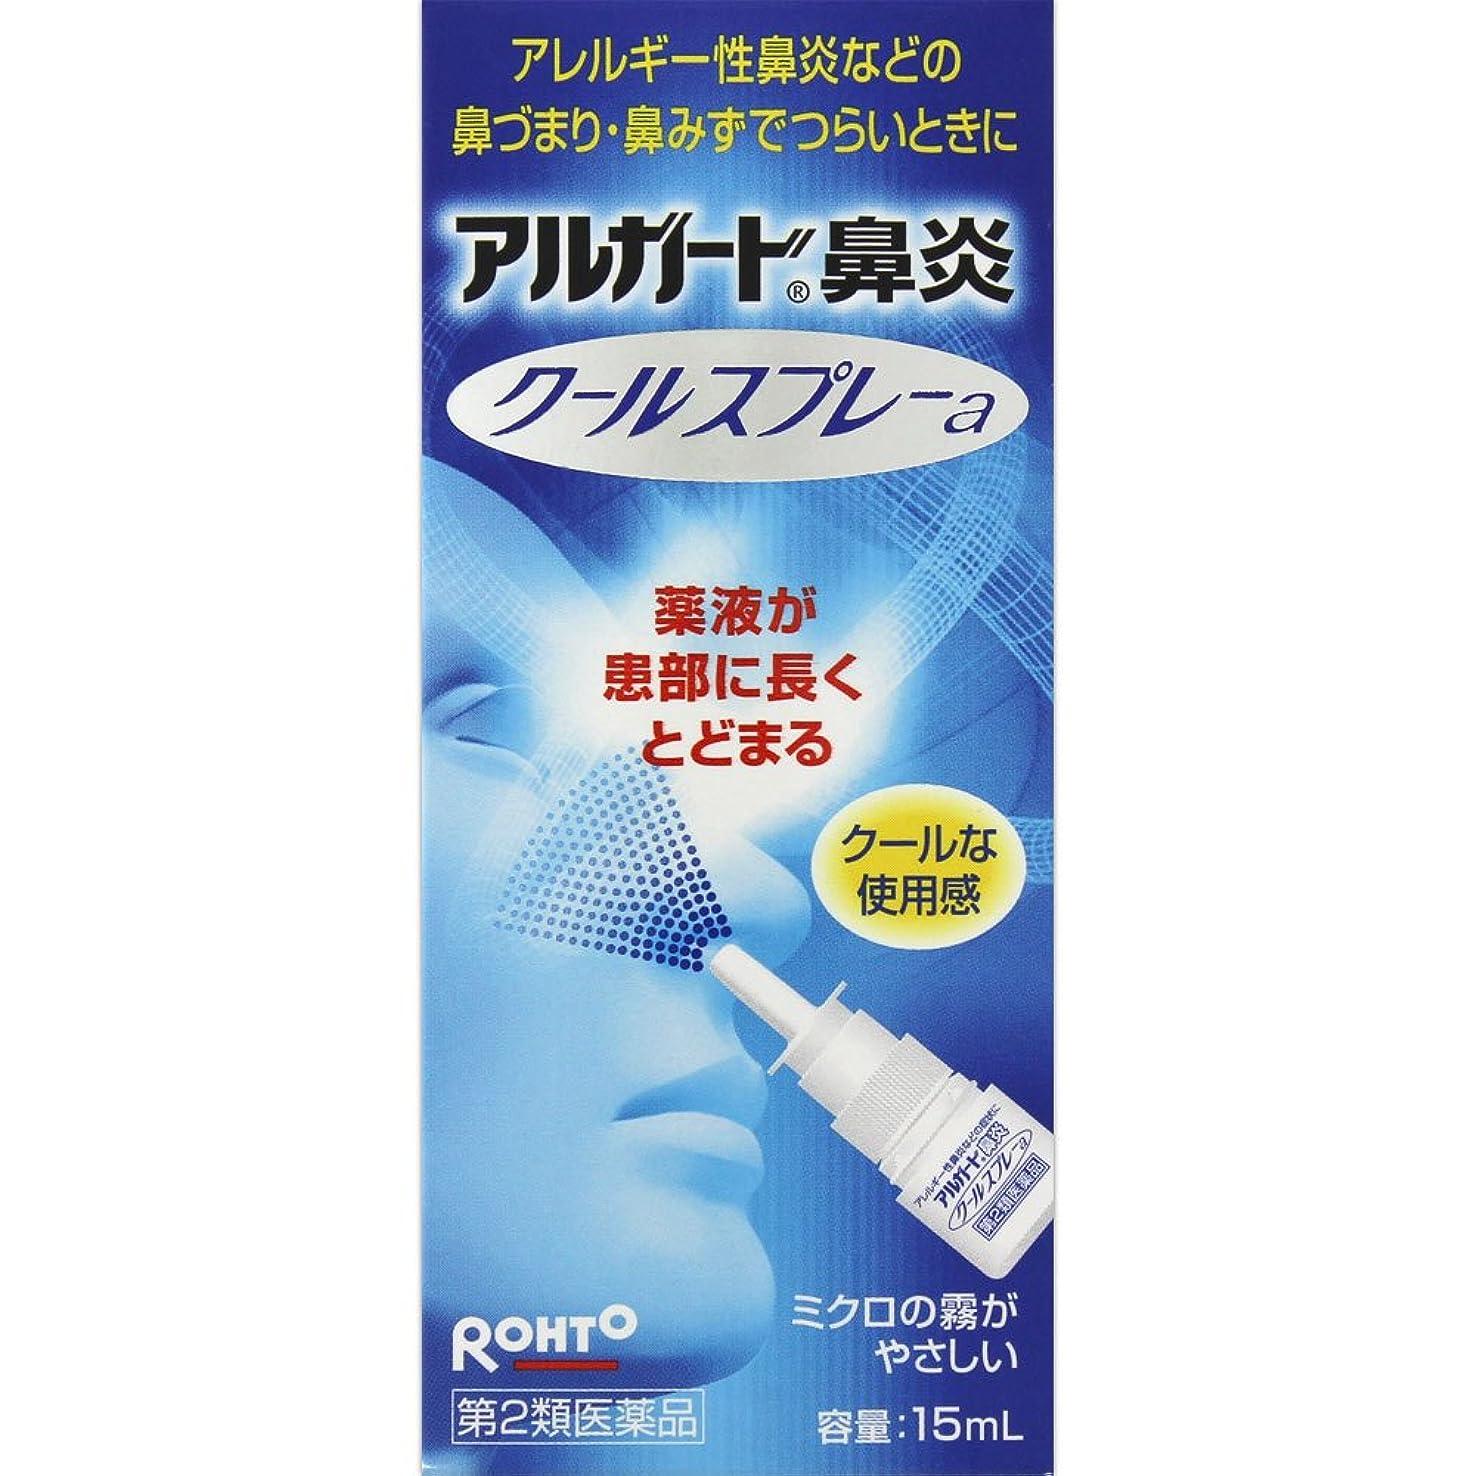 仕様傭兵できれば【第2類医薬品】アルガード鼻炎クールスプレーa 15mL